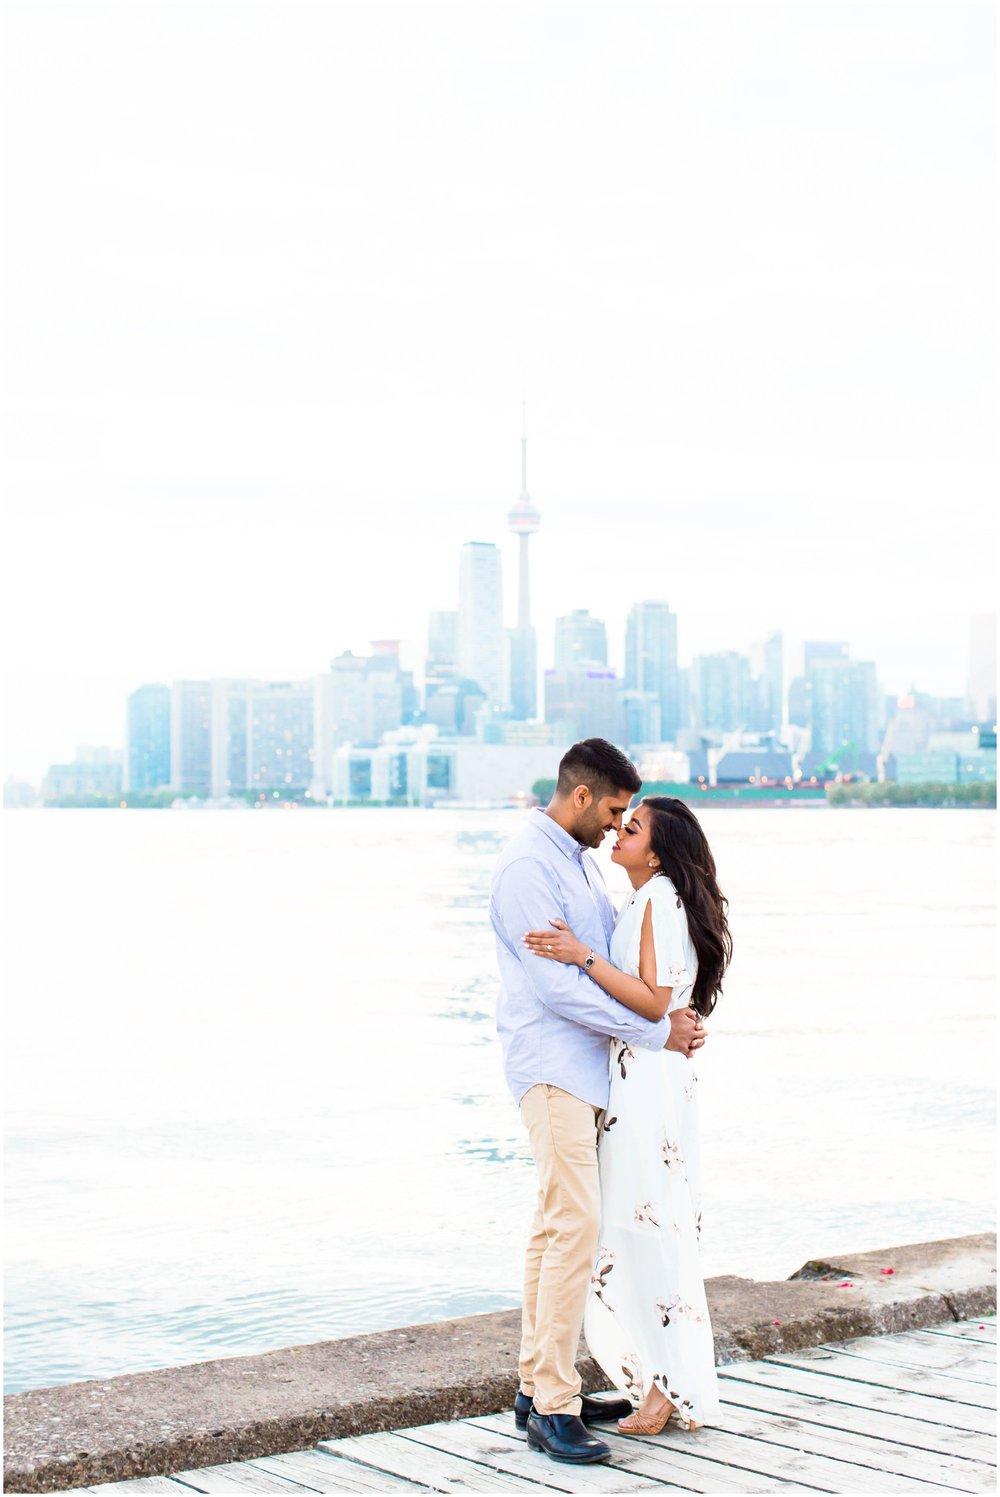 2017-Engagements-Toronto-Mississauga-GTA-Pakistani-Indian-Wedding-Photography-Photographer_0047.jpg